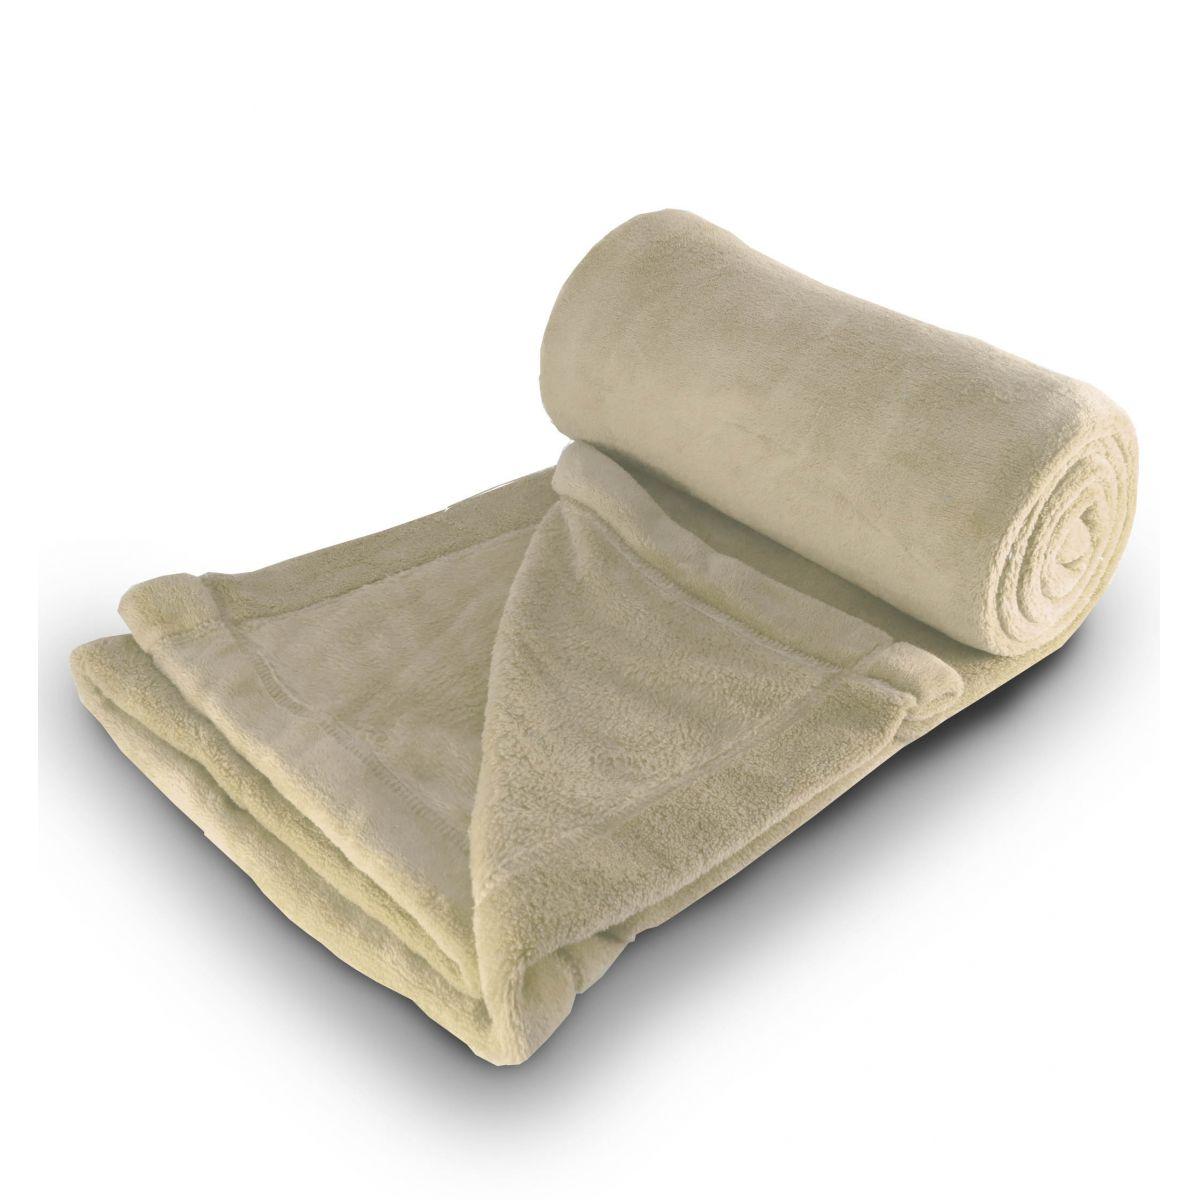 Cobertor de Microfibra 240 g/m³ Super King - Bege